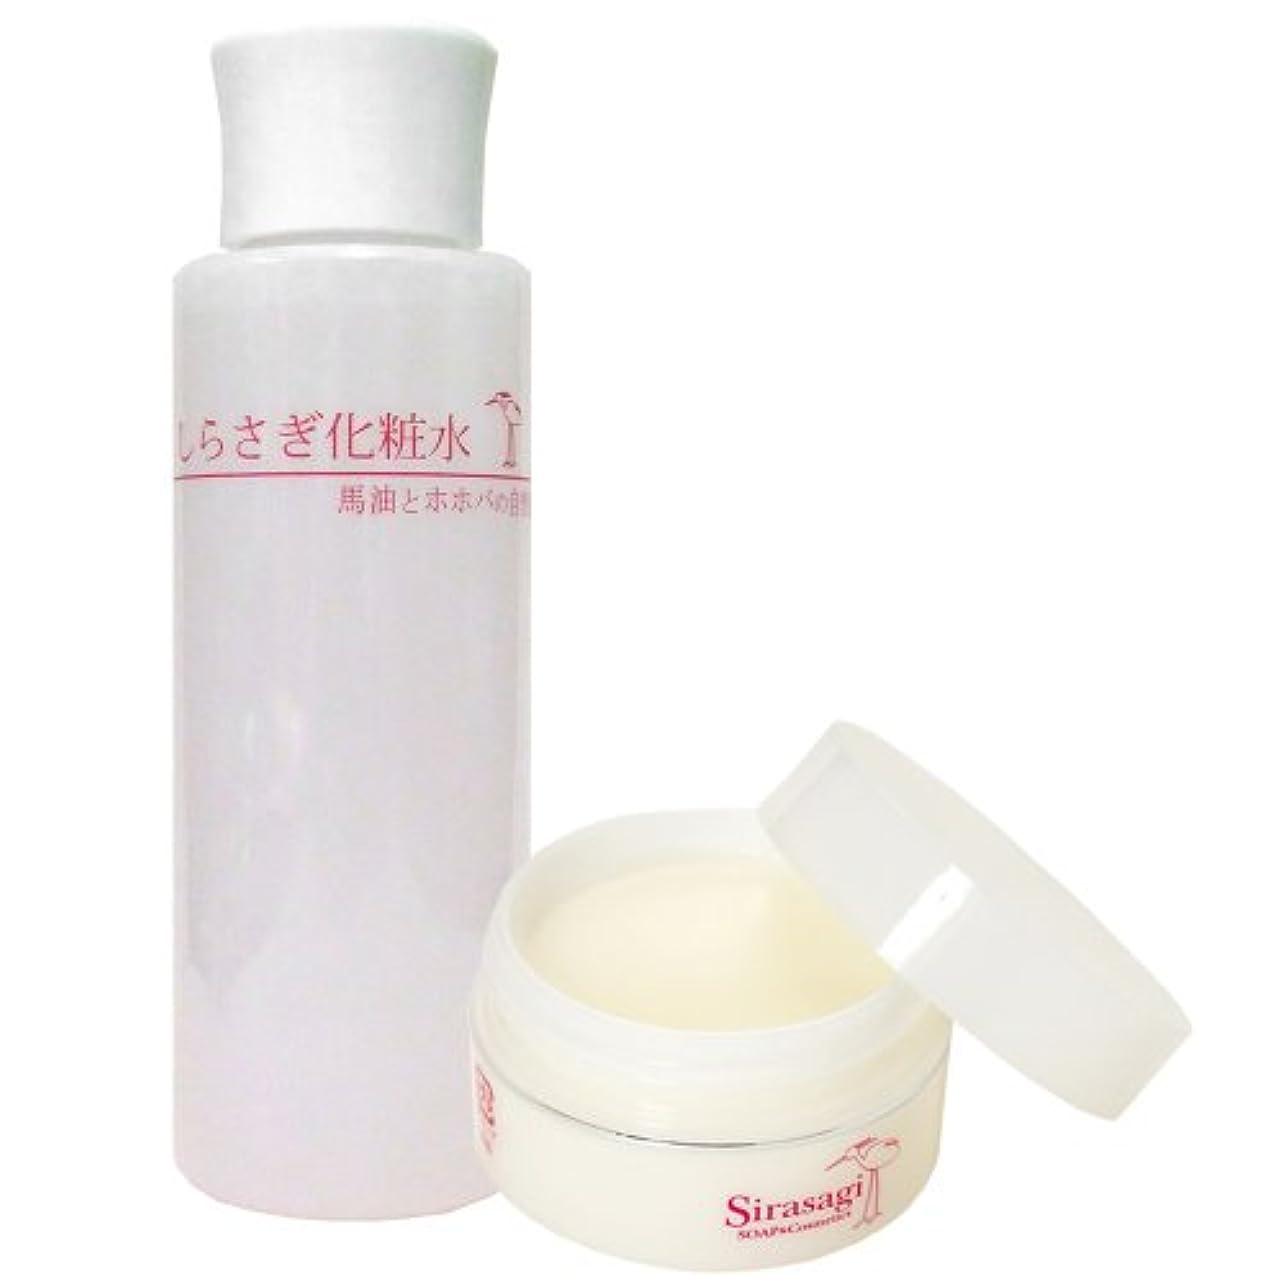 製造緩むオーバードローしらさぎクリーム(無香料)としらさぎ化粧水のセット